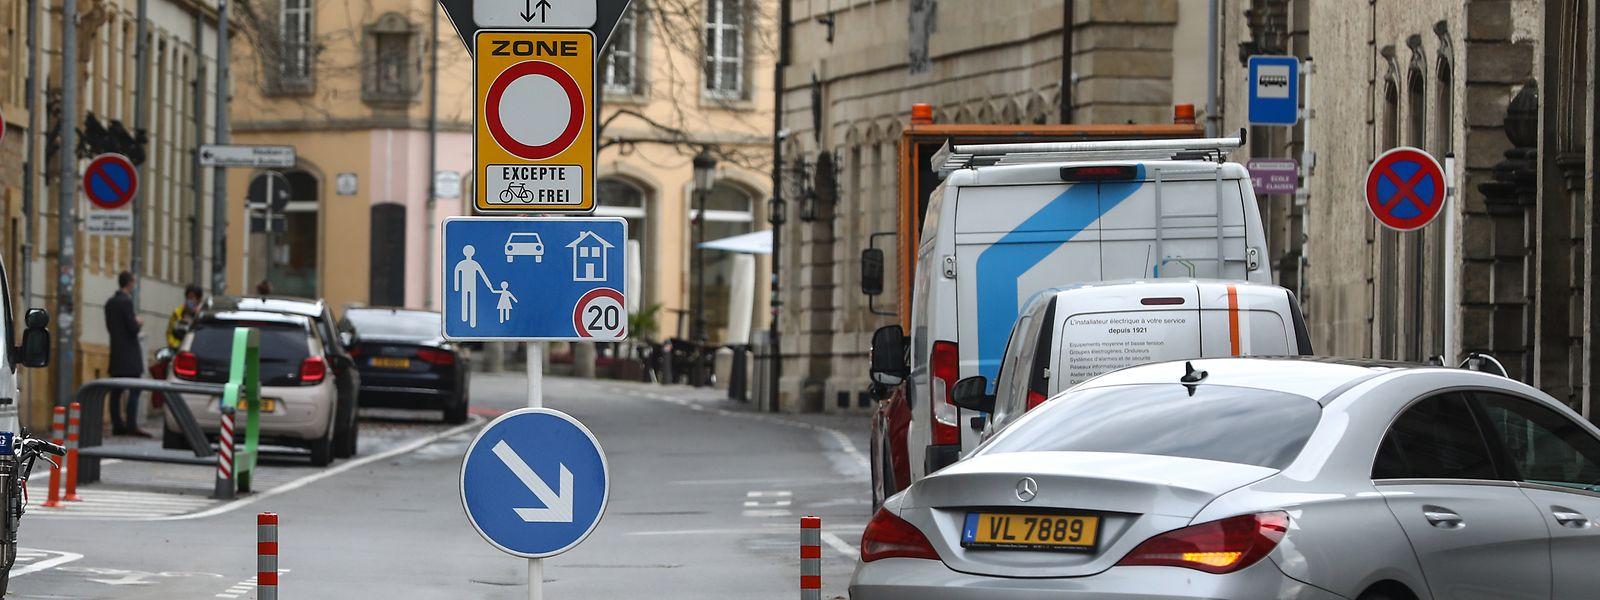 Hinweisschilder und eine kleine Verkehrsinsel zeigen: Die Rue du Fossé ist für den Durchgangsverkehr gesperrt.